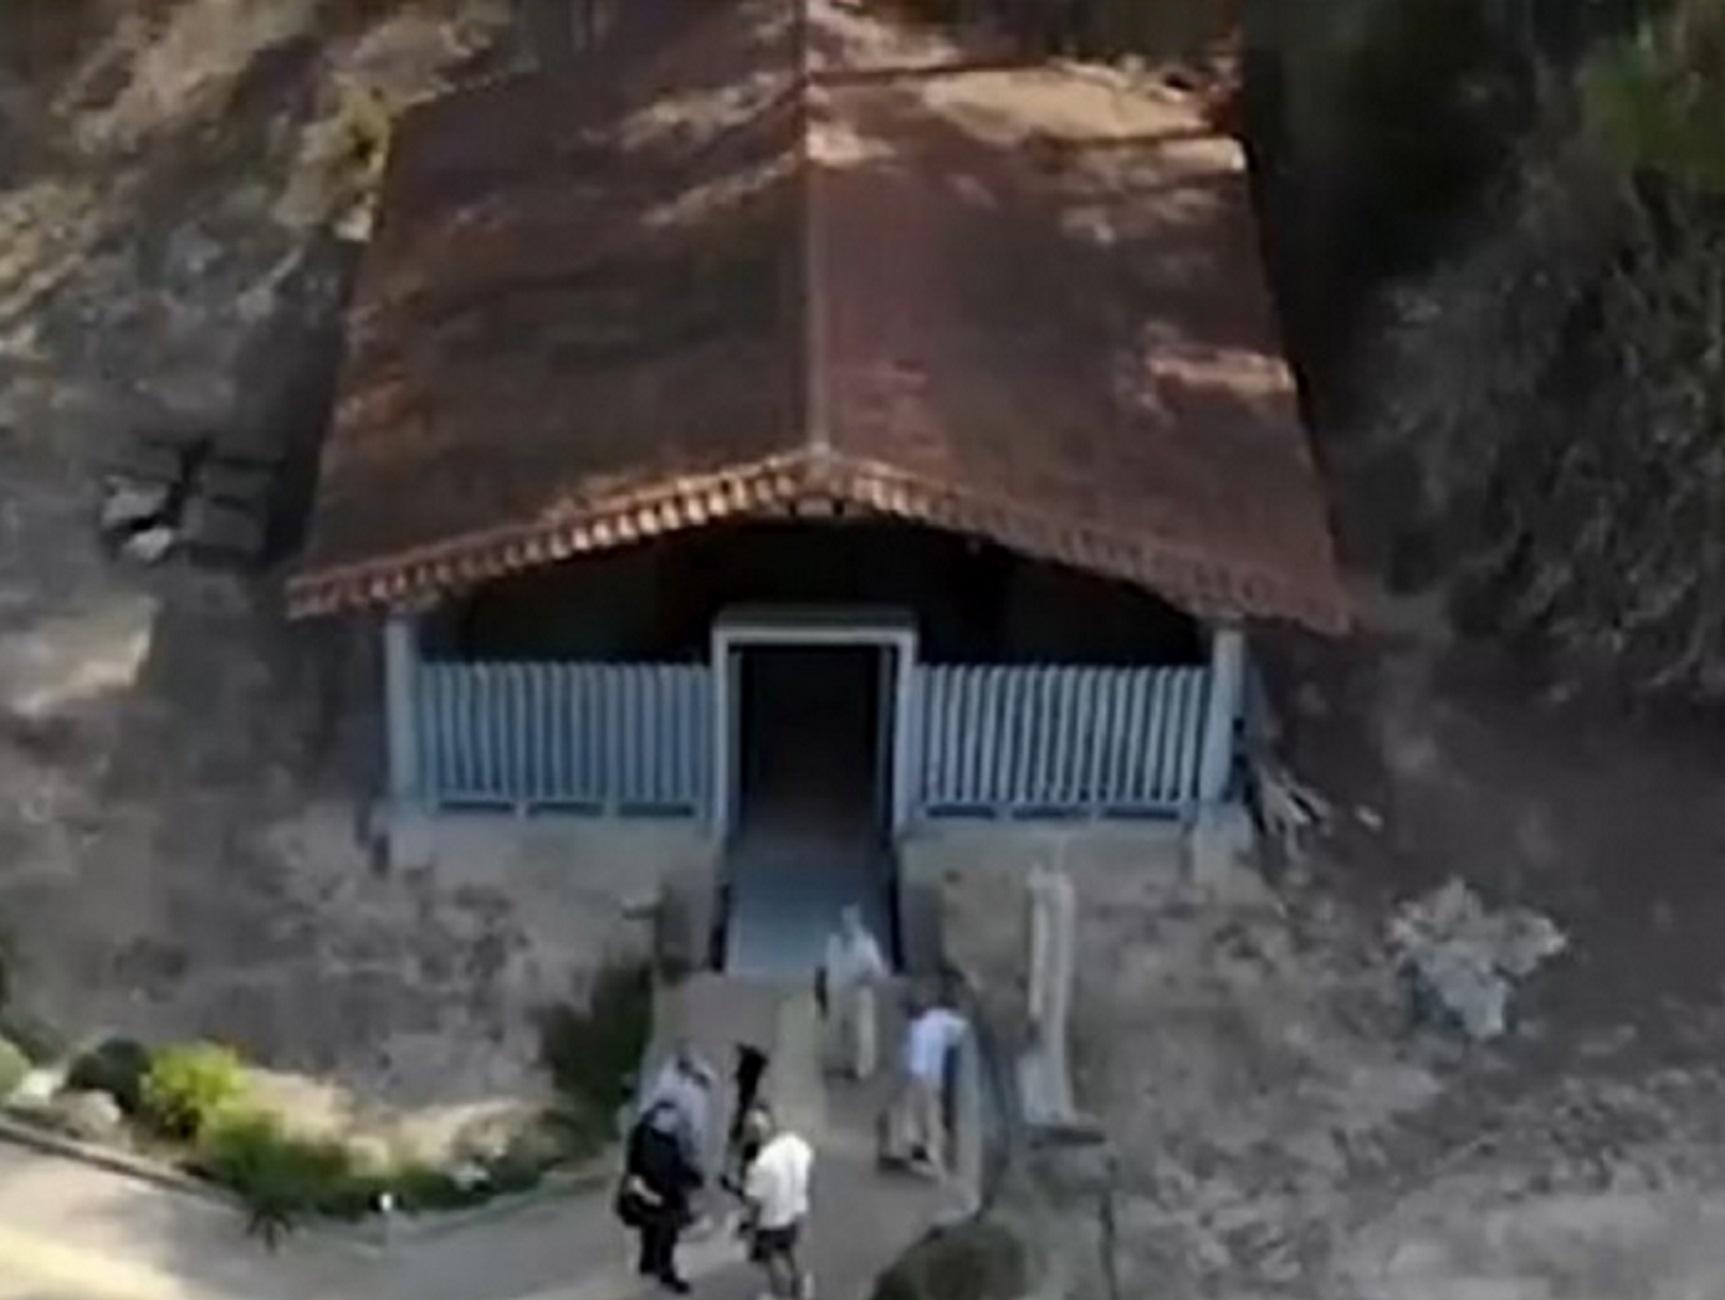 Τάφος Ολυμπιάδας: «Εδώ έθαψαν τη μητέρα του Μεγάλου Αλεξάνδρου» – Οι εικόνες και η επίμαχη ανάλυση